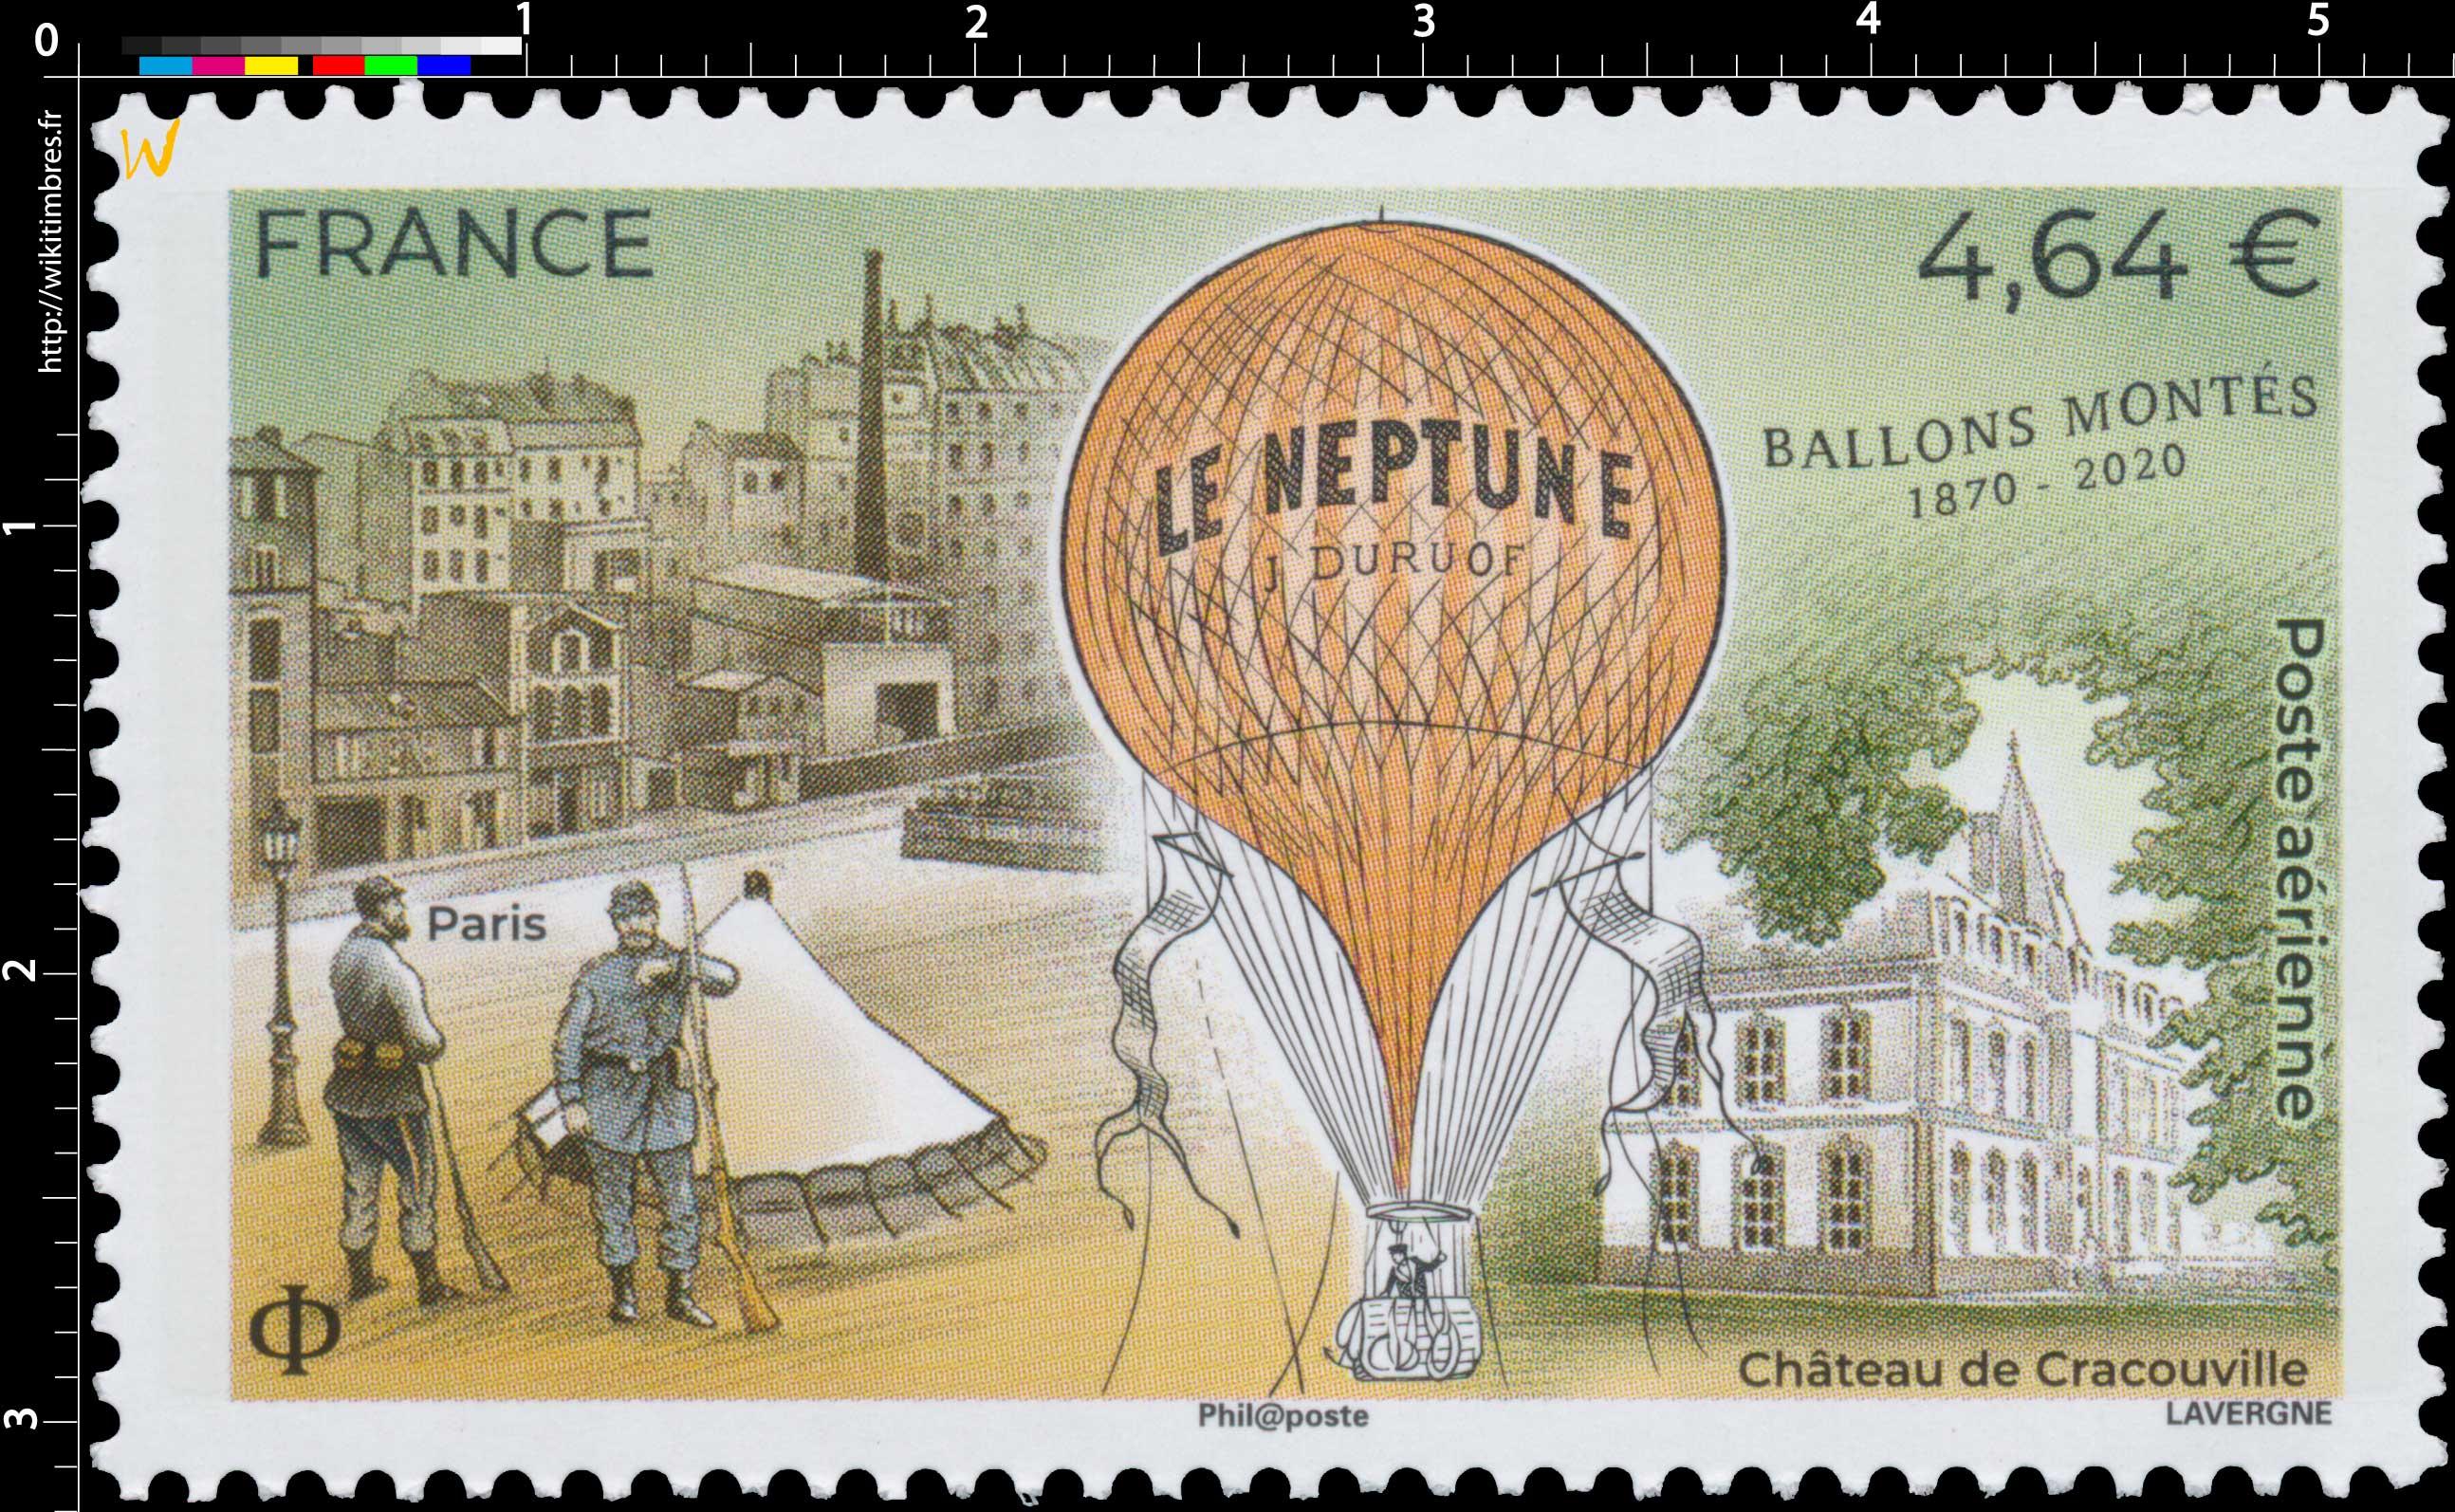 2020 Ballons Montés 1870 - 2020 - Le Neptune J.Duruof